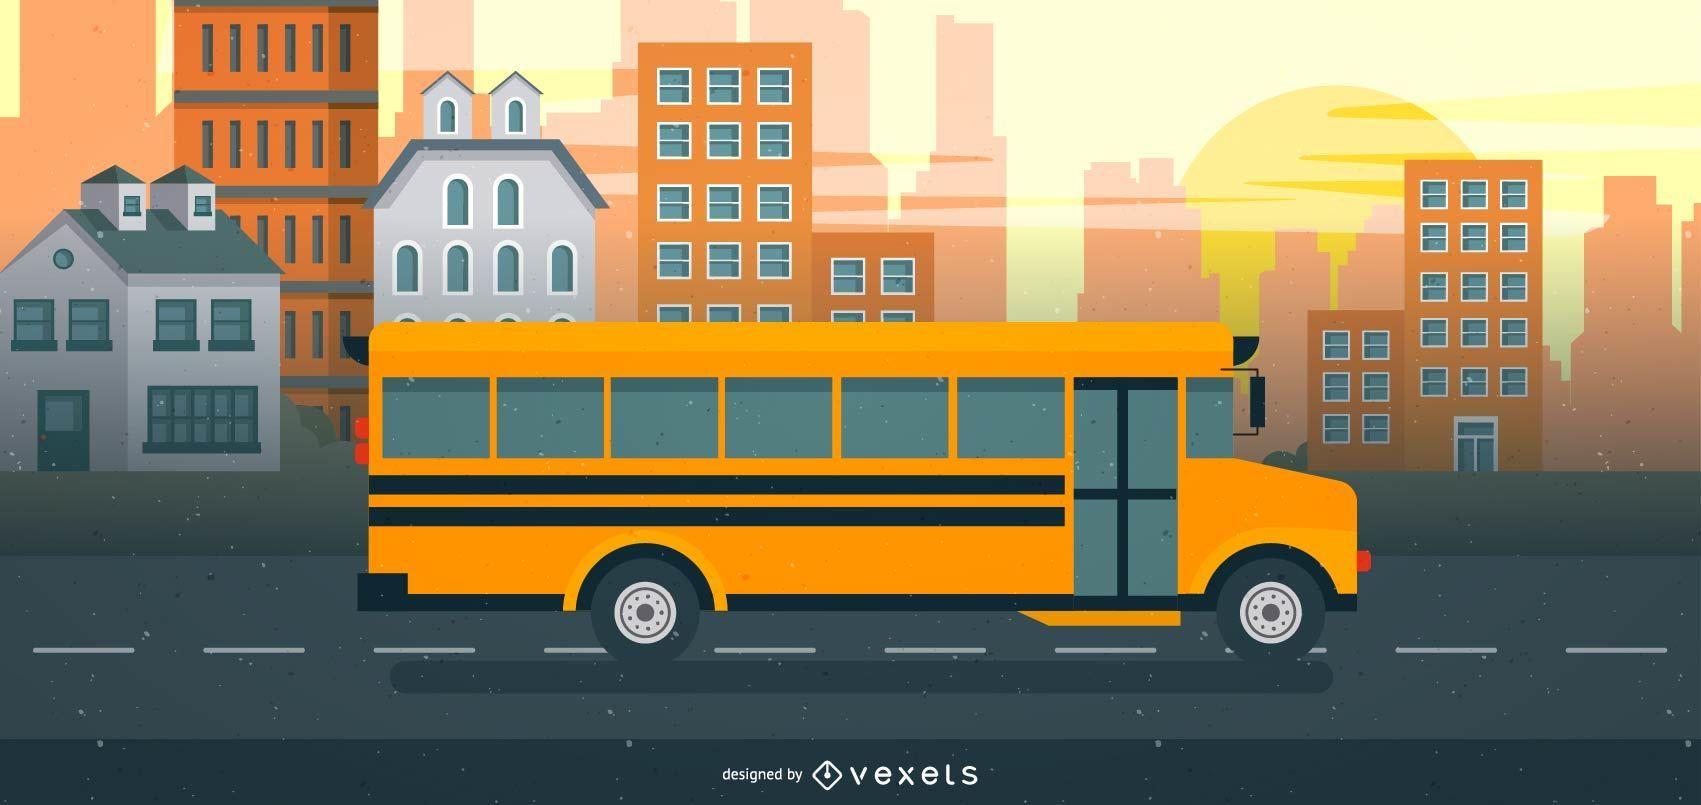 Ilustración de autobús escolar que viaja